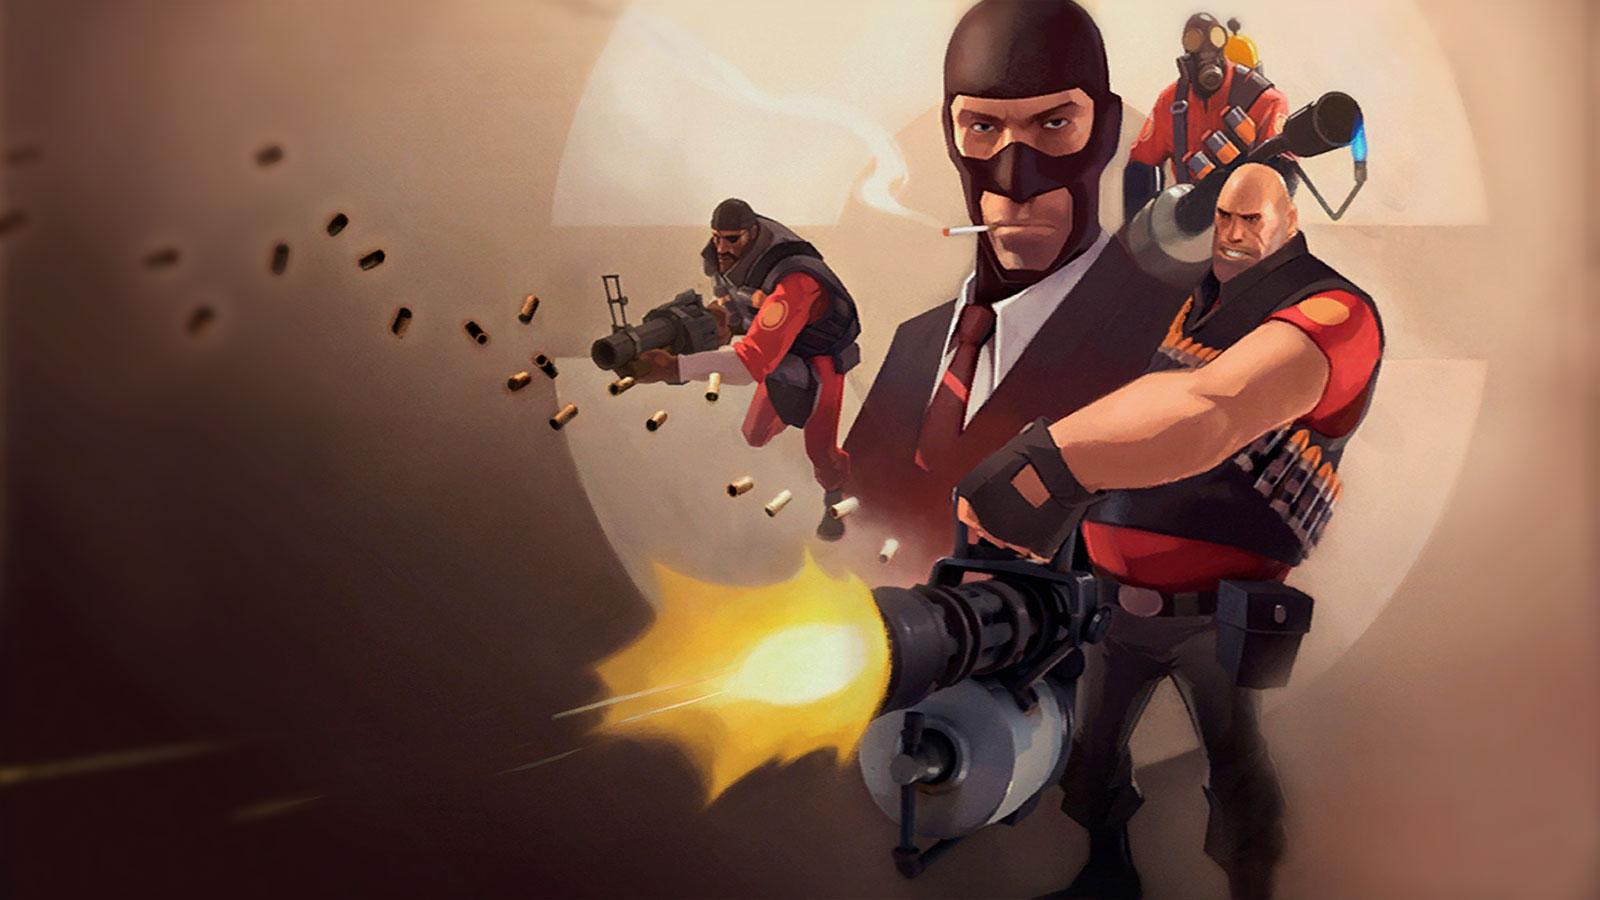 Team Fortress 2 Топ бесплатных шутеров